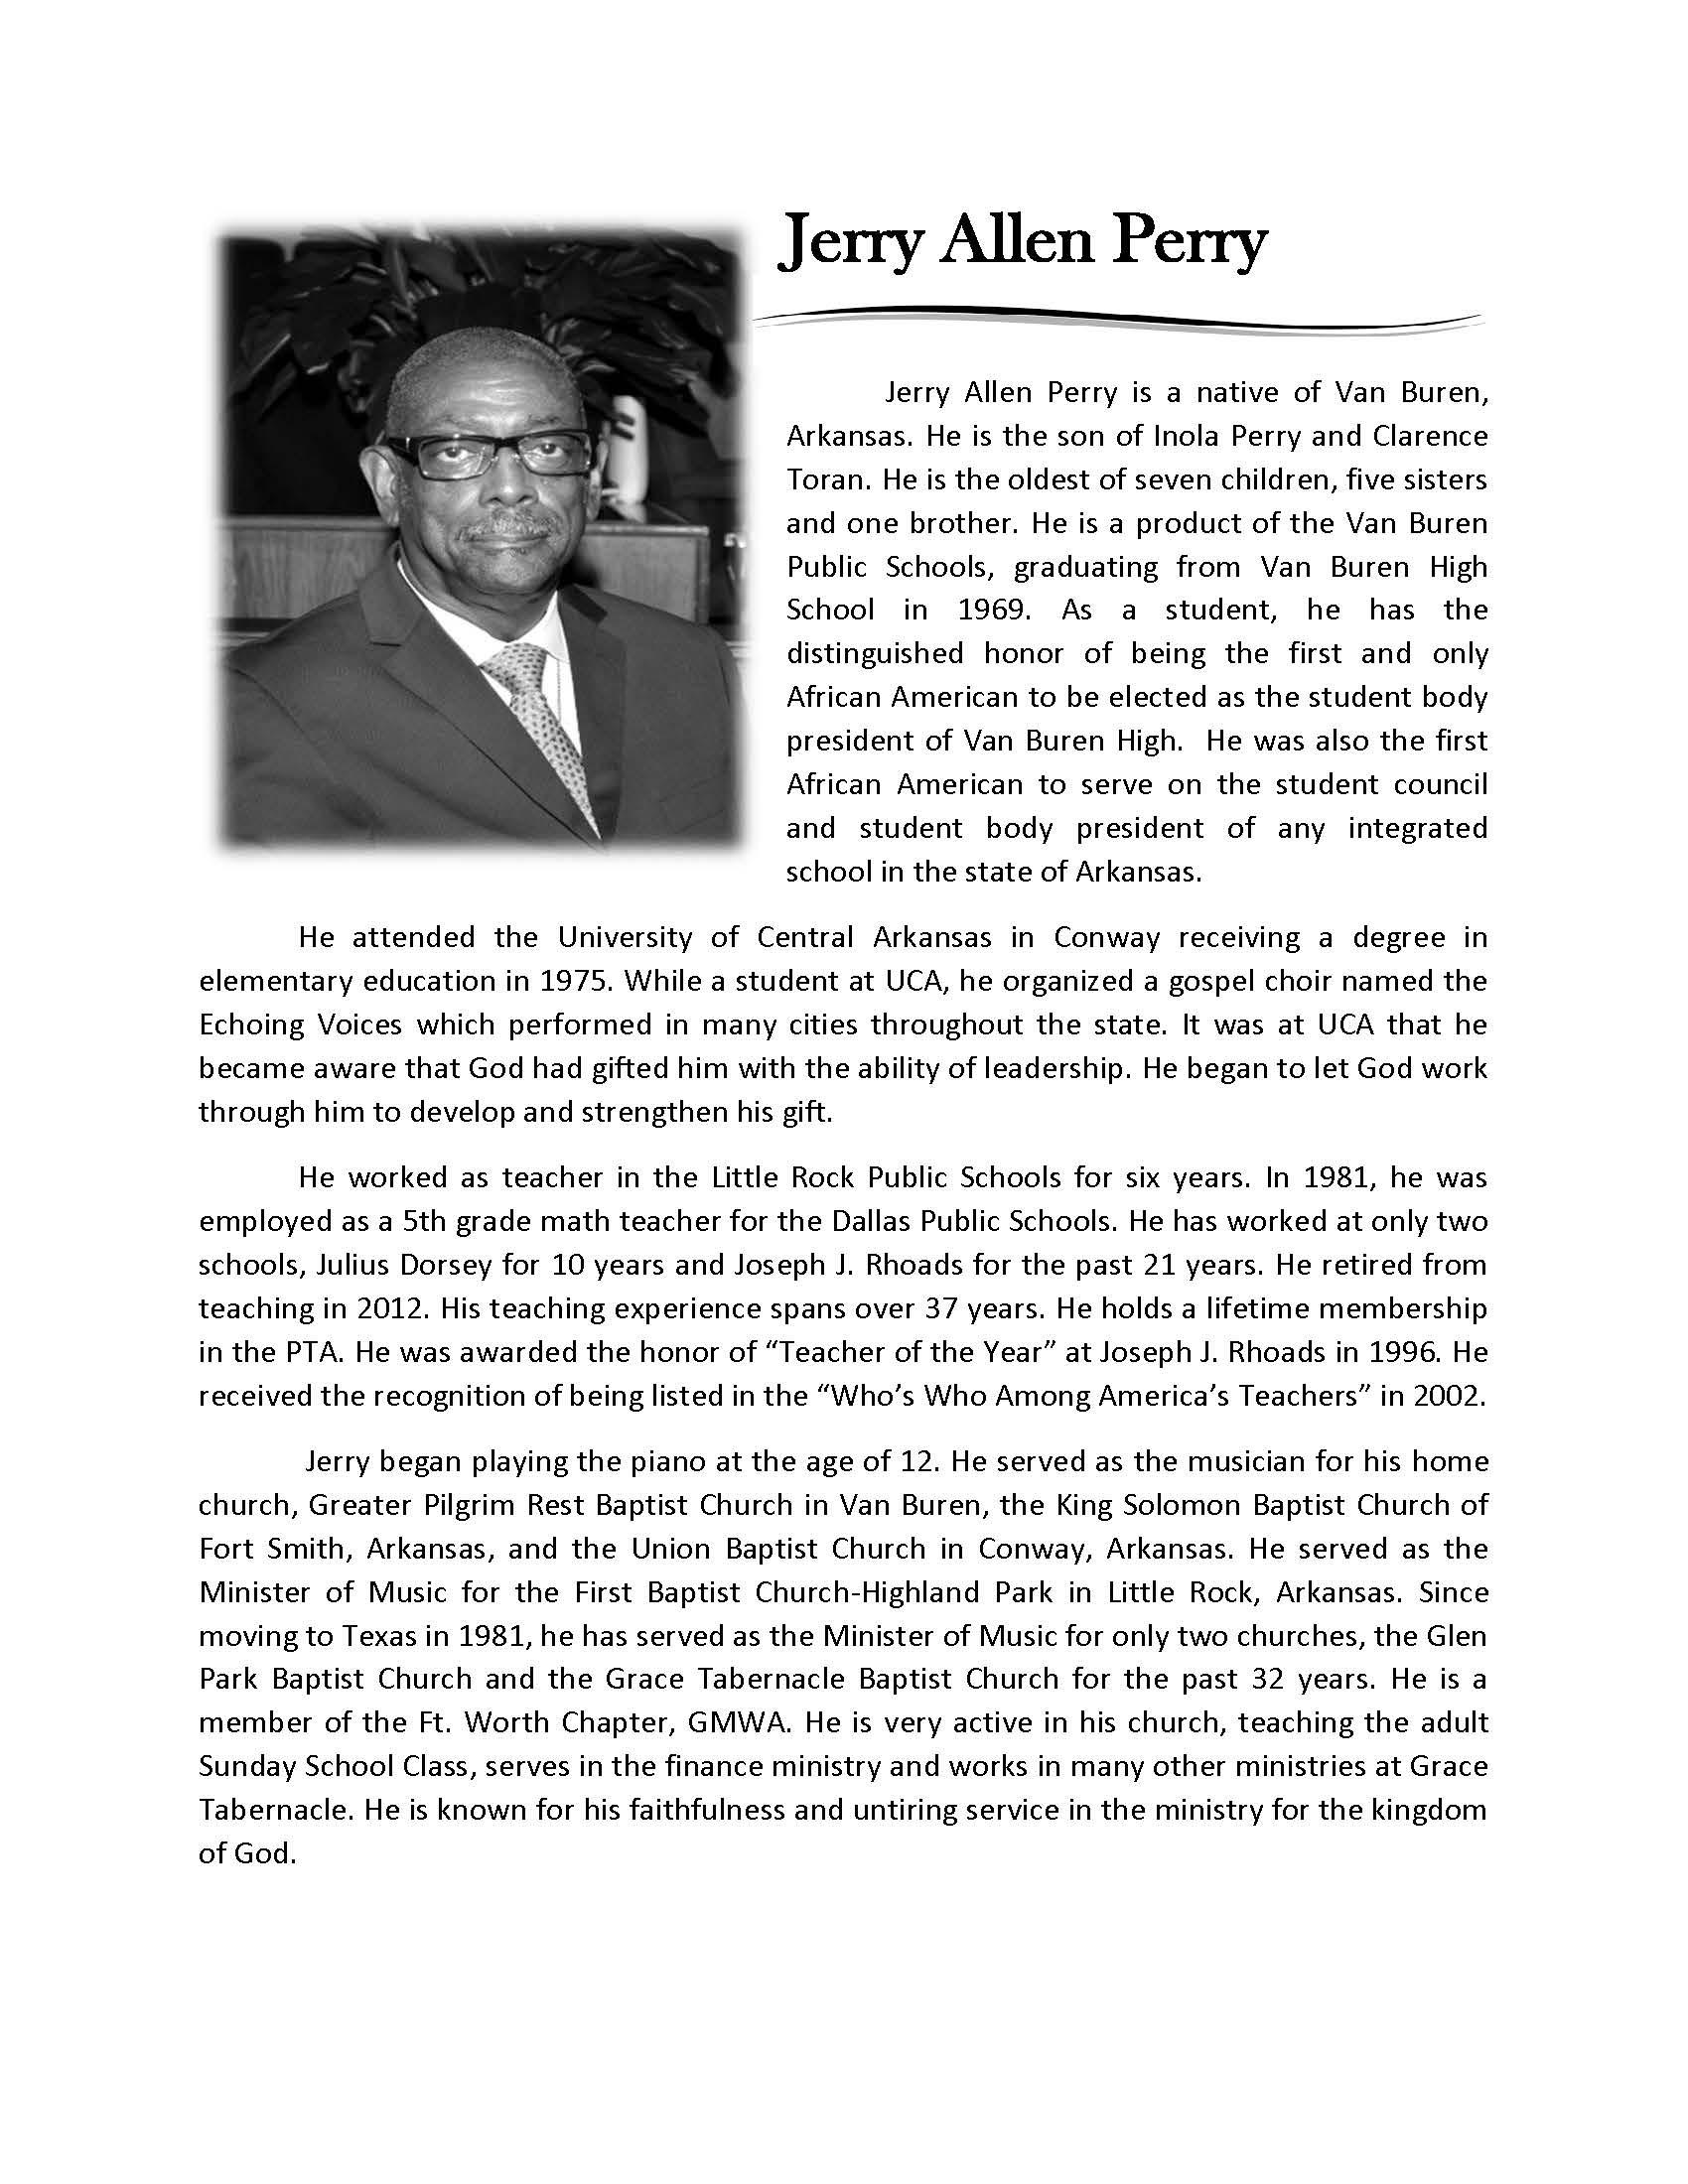 Jerry Allen Perry Bio